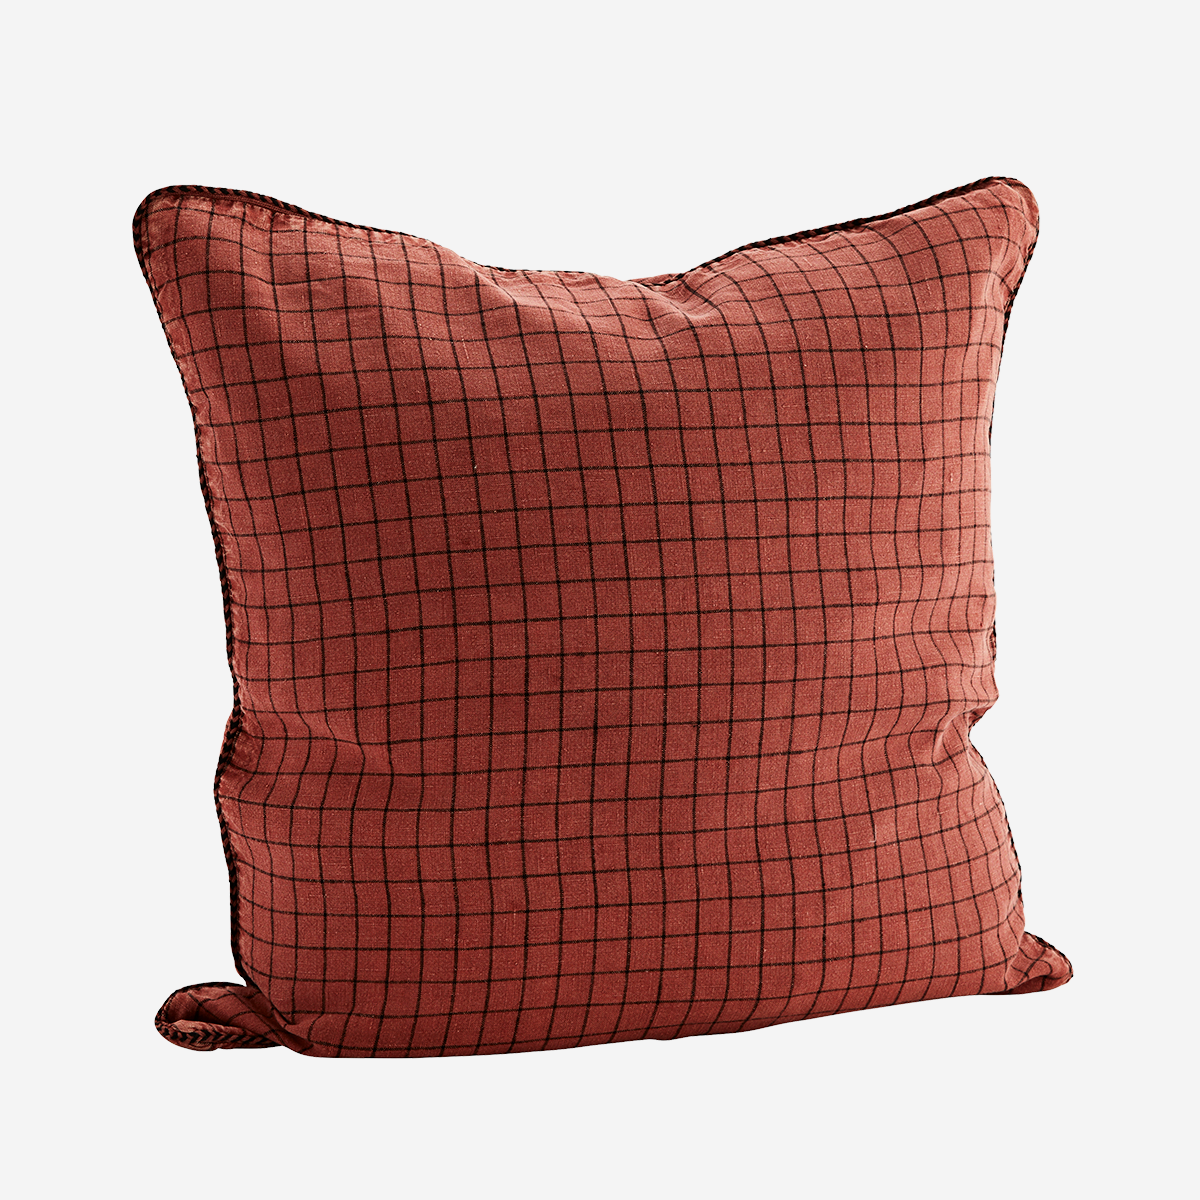 Housse de coussin en lin lavé quadrillée rouge brique 50x50cm * Madam Stoltz